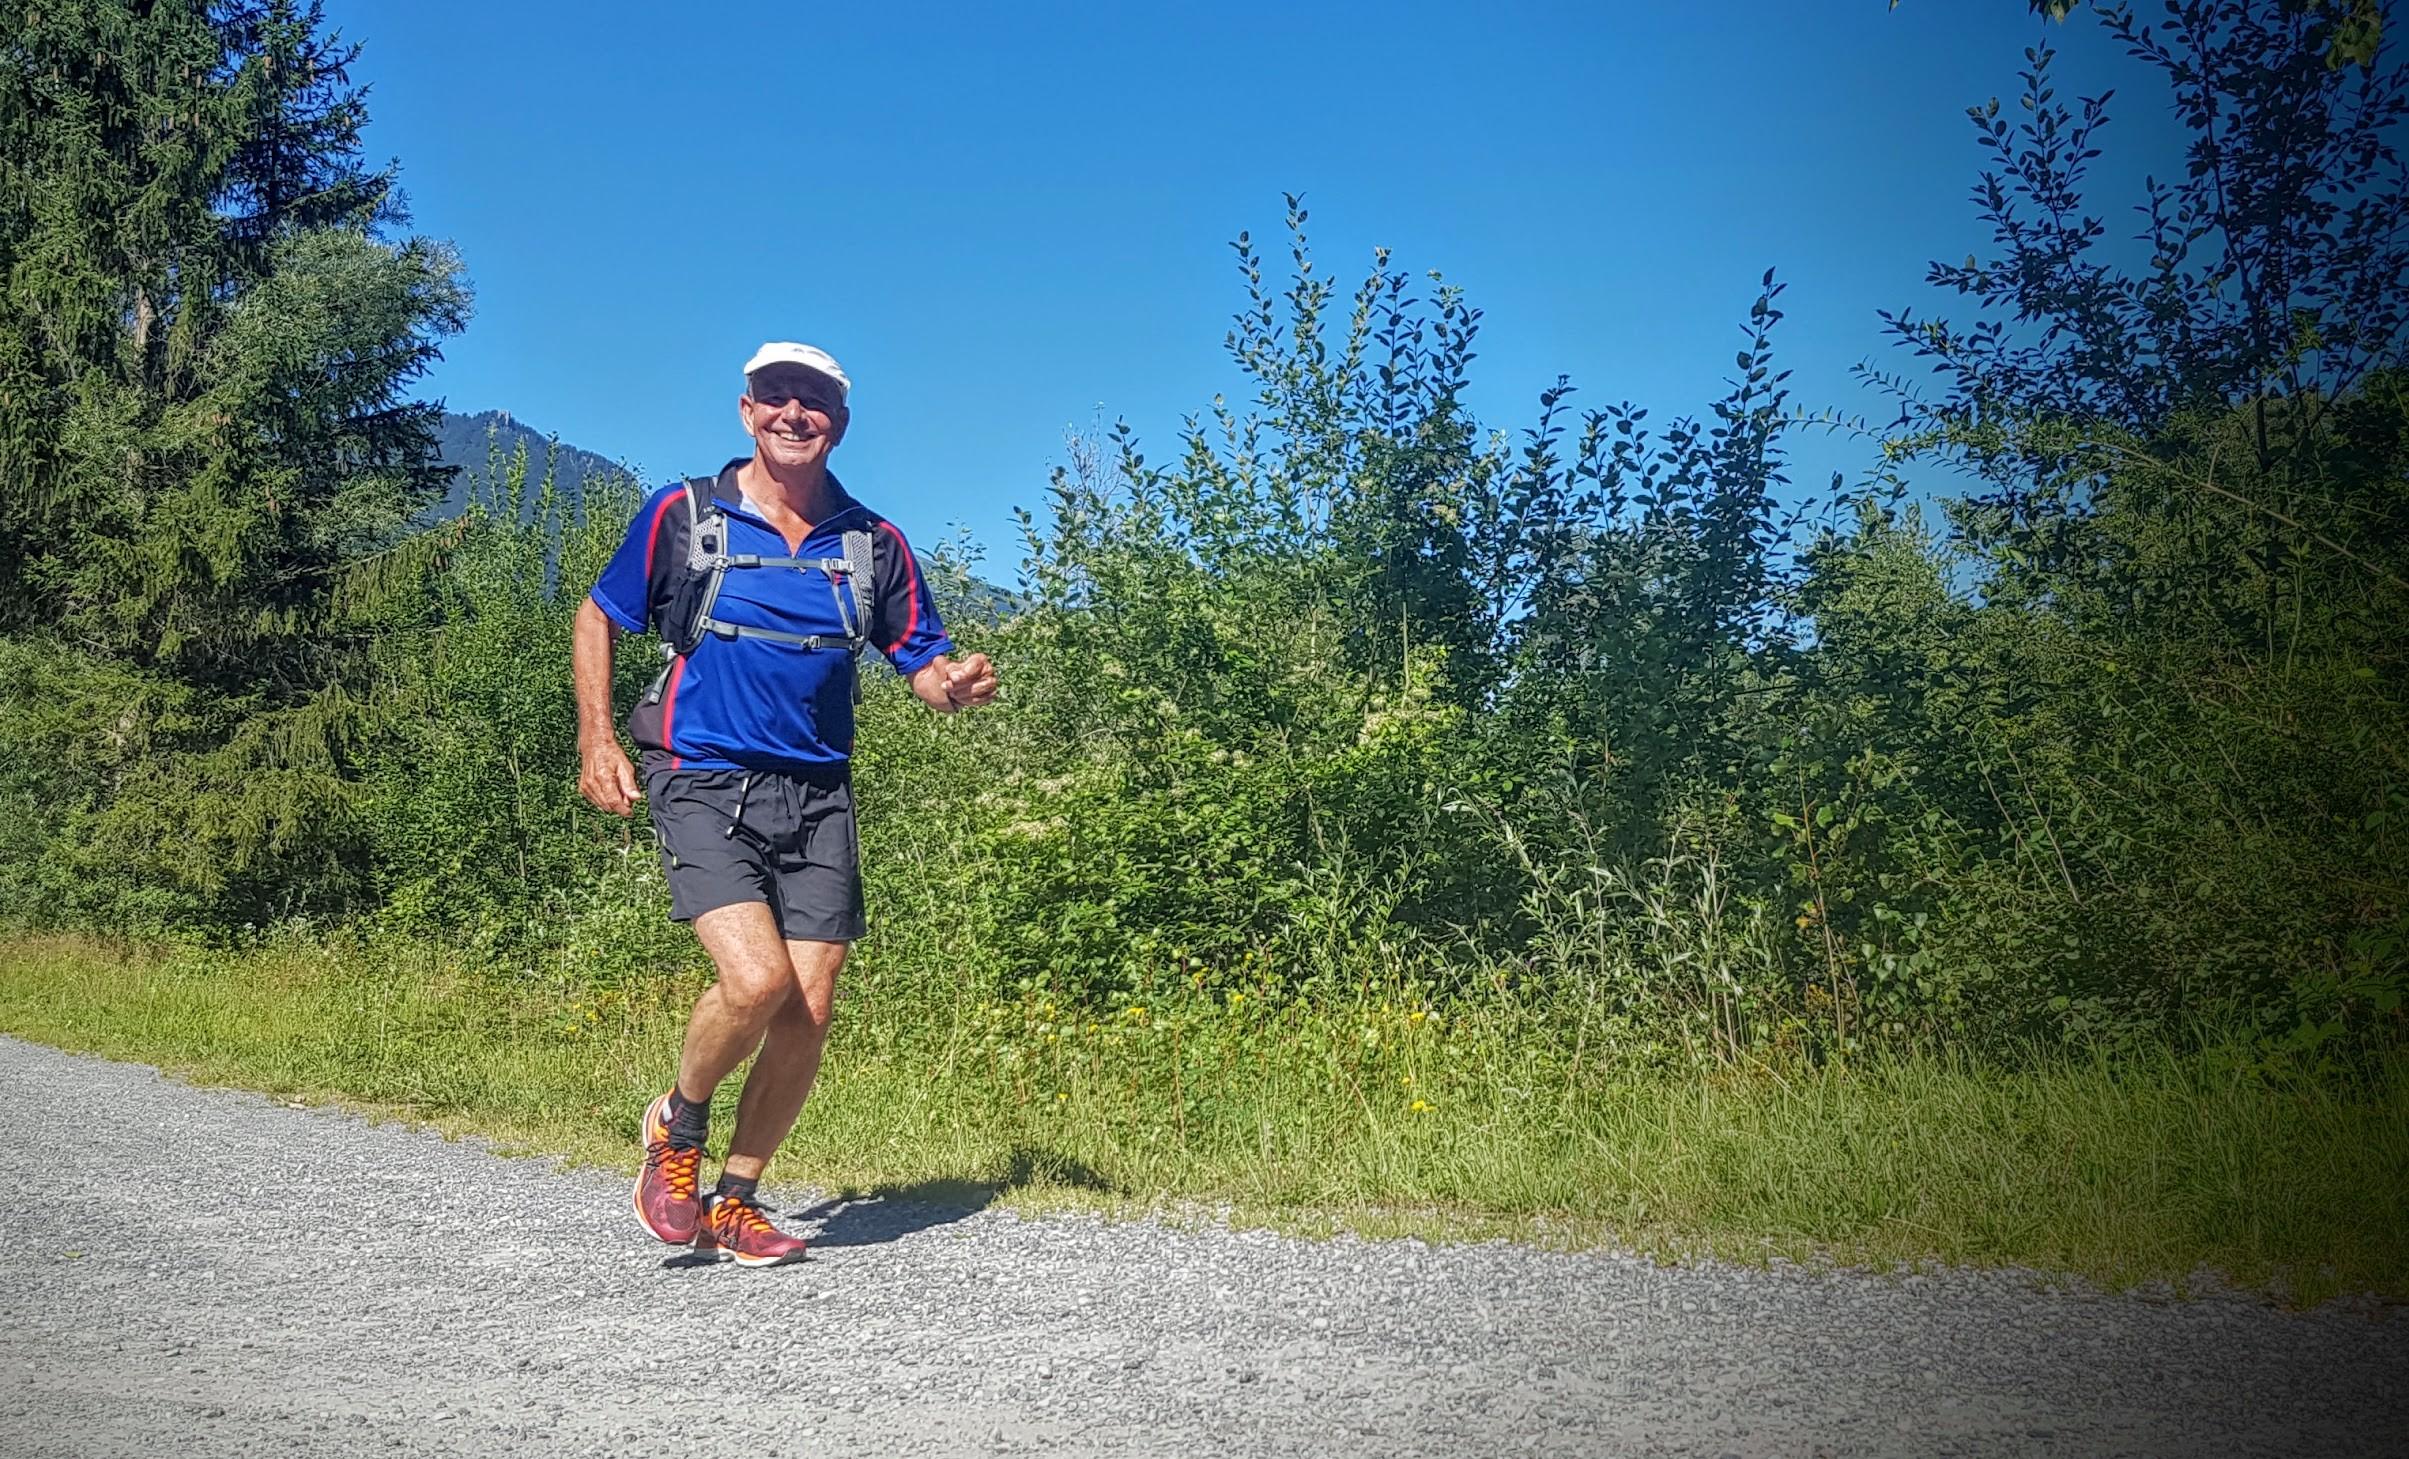 Jungfrau Marathon Training